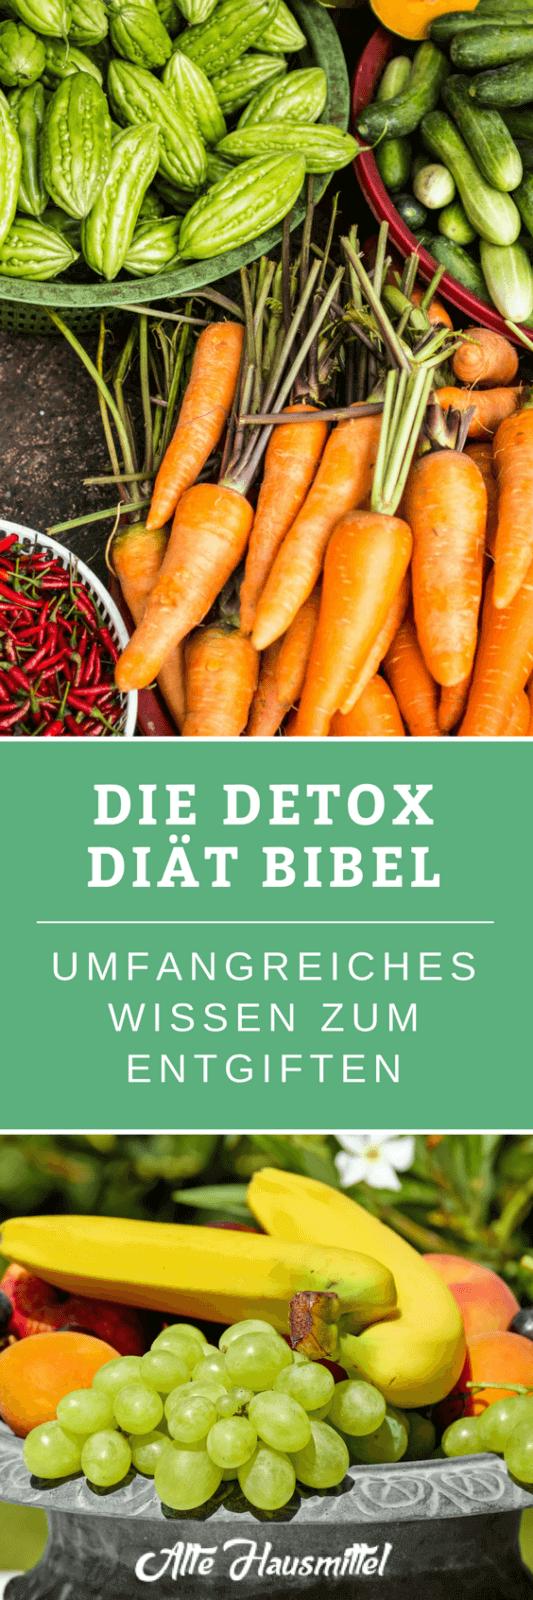 Die Detox Diät- Umfangreichster Artikel über Entgiften ✓ Wie Sie eine erfolgreiche Detox Diät starten ✓ Endlich gesund entgiften & den Körper entschlacken ✓